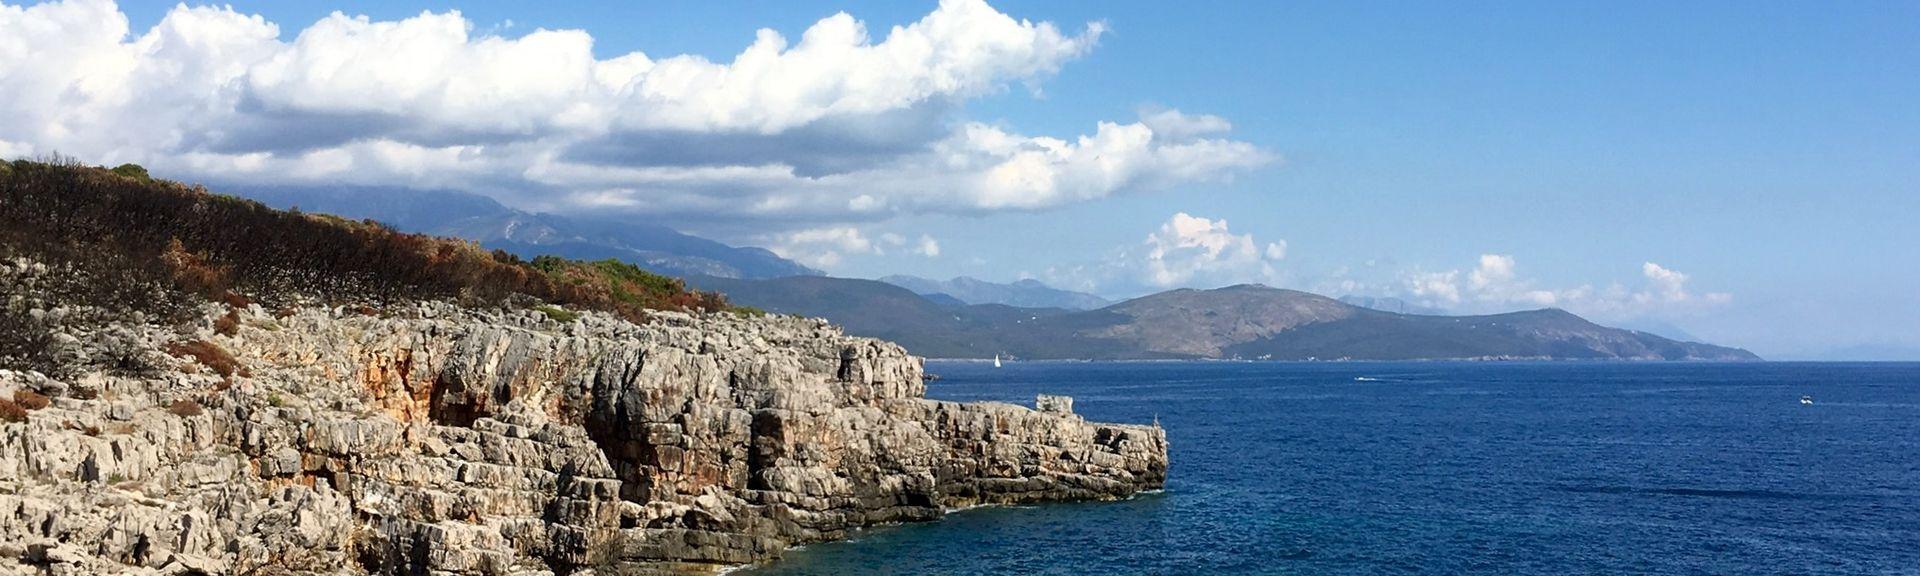 Njivice, Montenegro